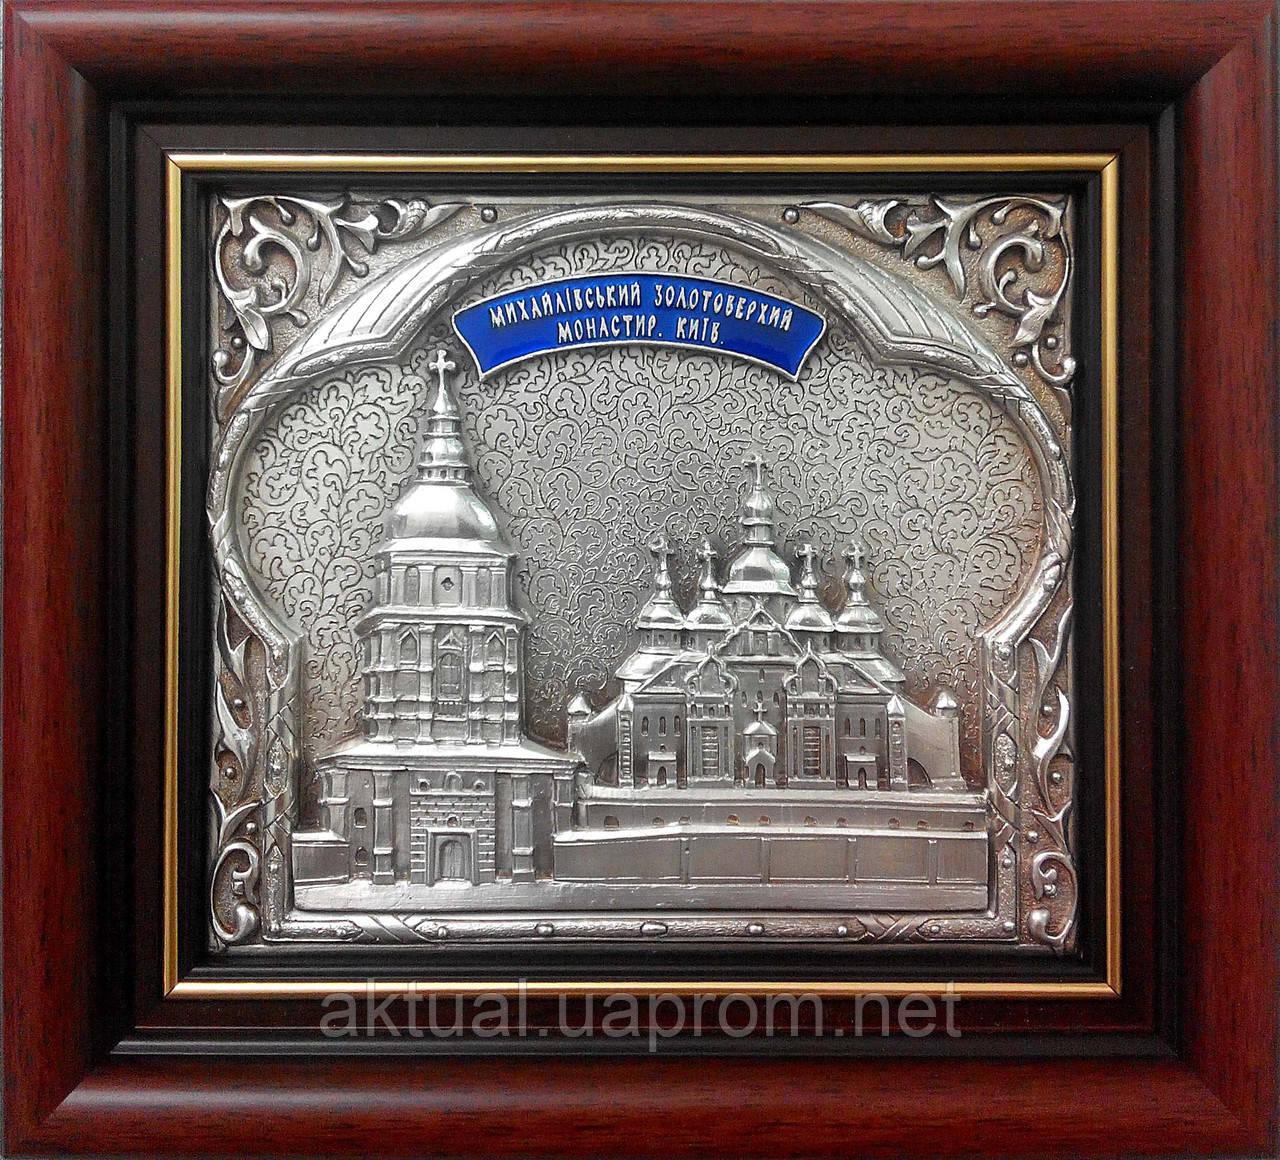 Михайловский Златоверхий монастырь  плакетка